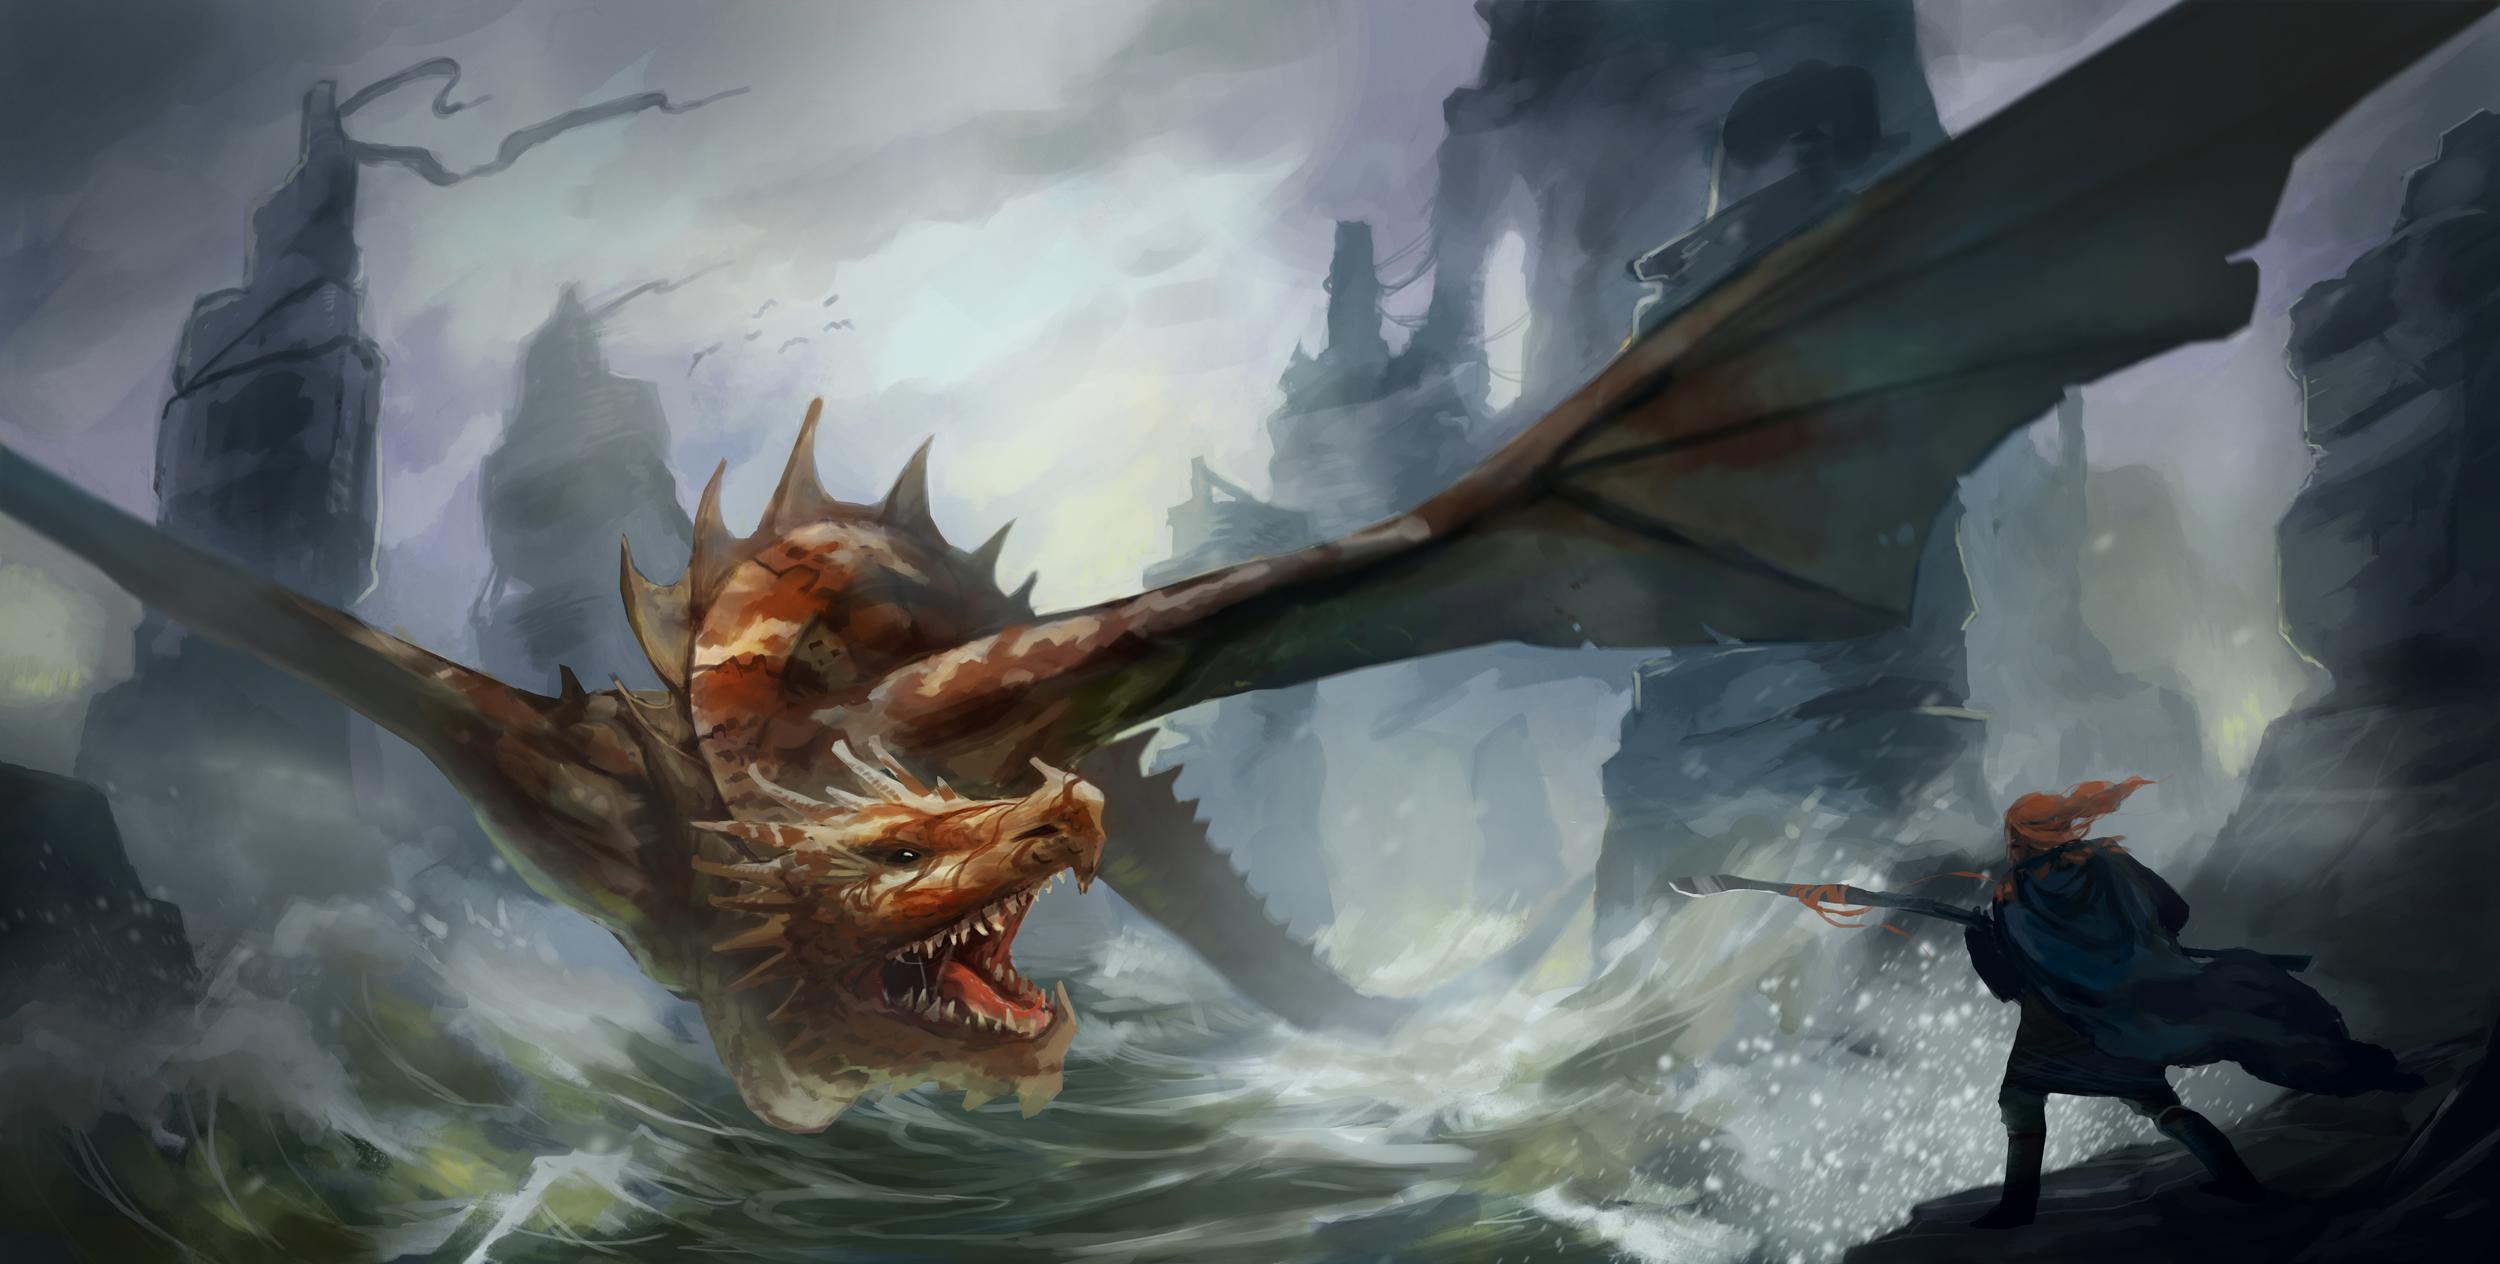 2014_07_28_dragon.jpg